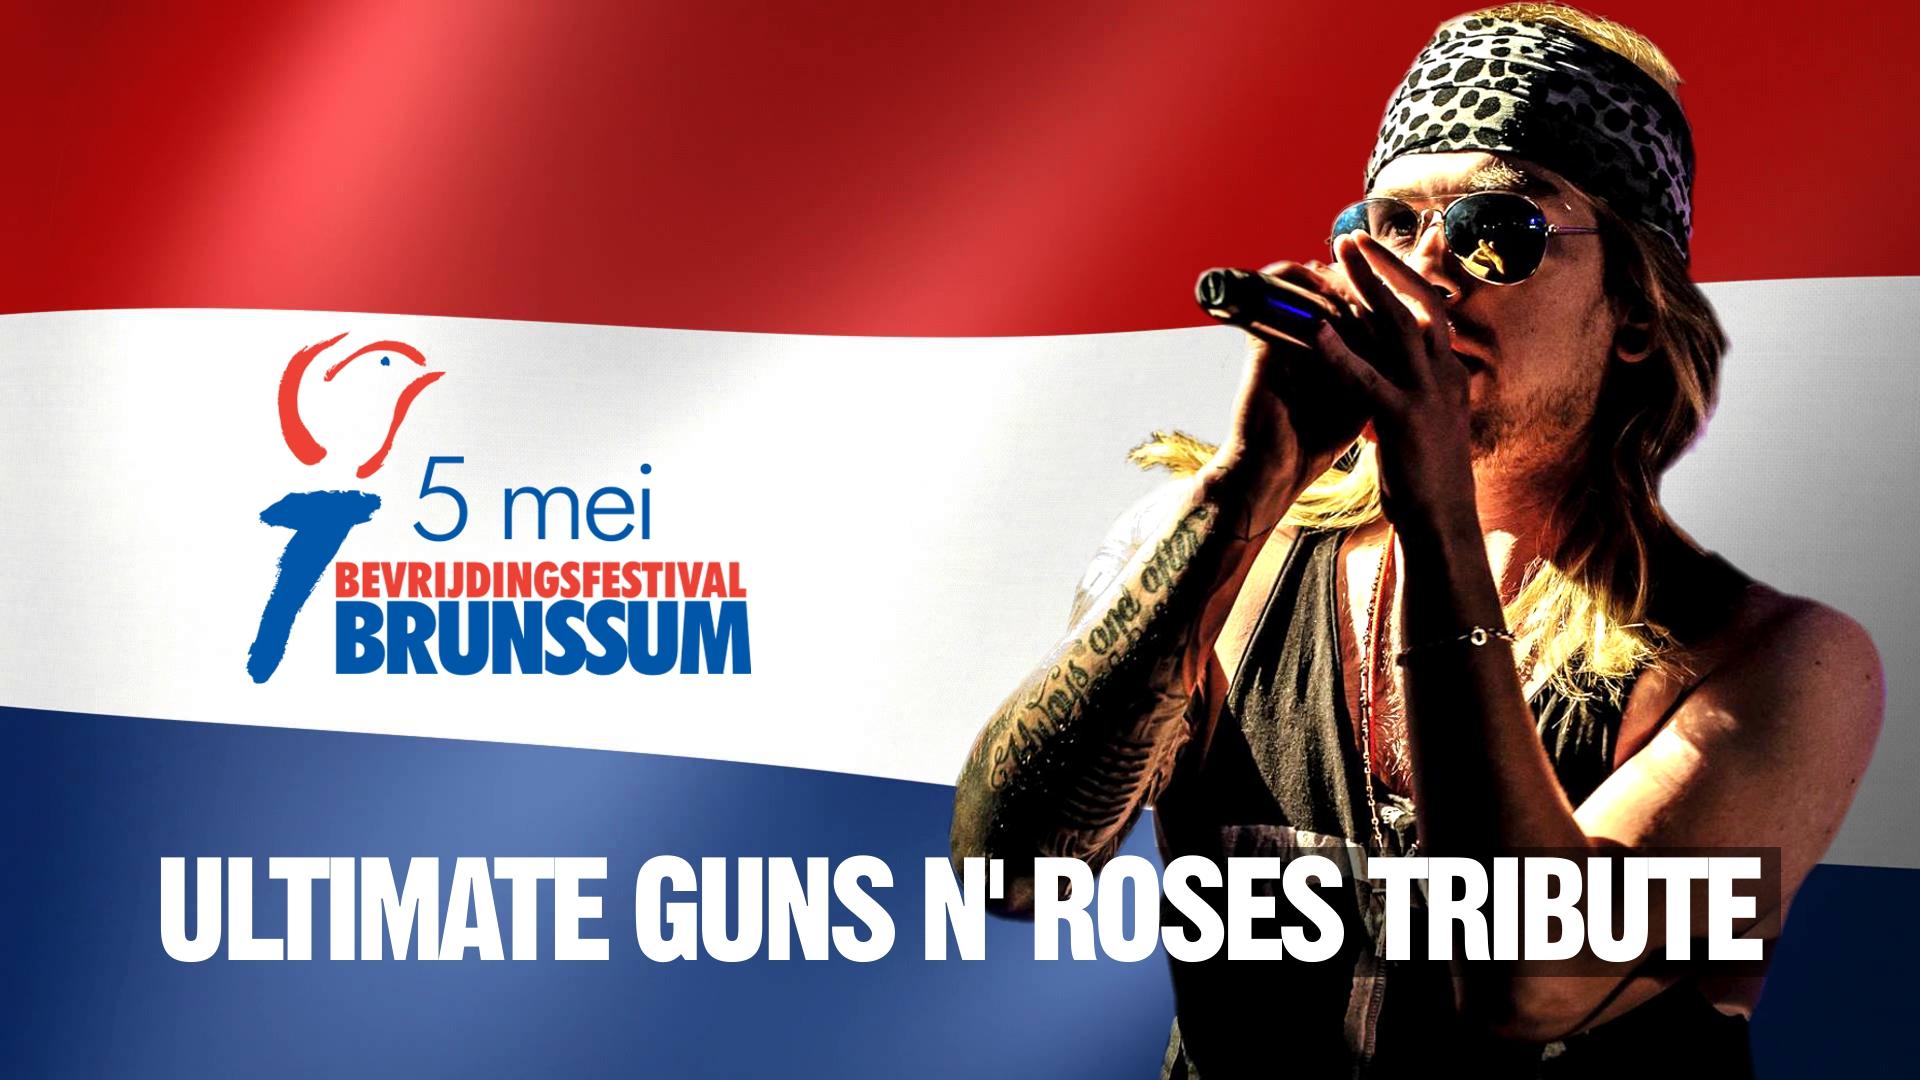 Ultimate Guns N'Roses tribute